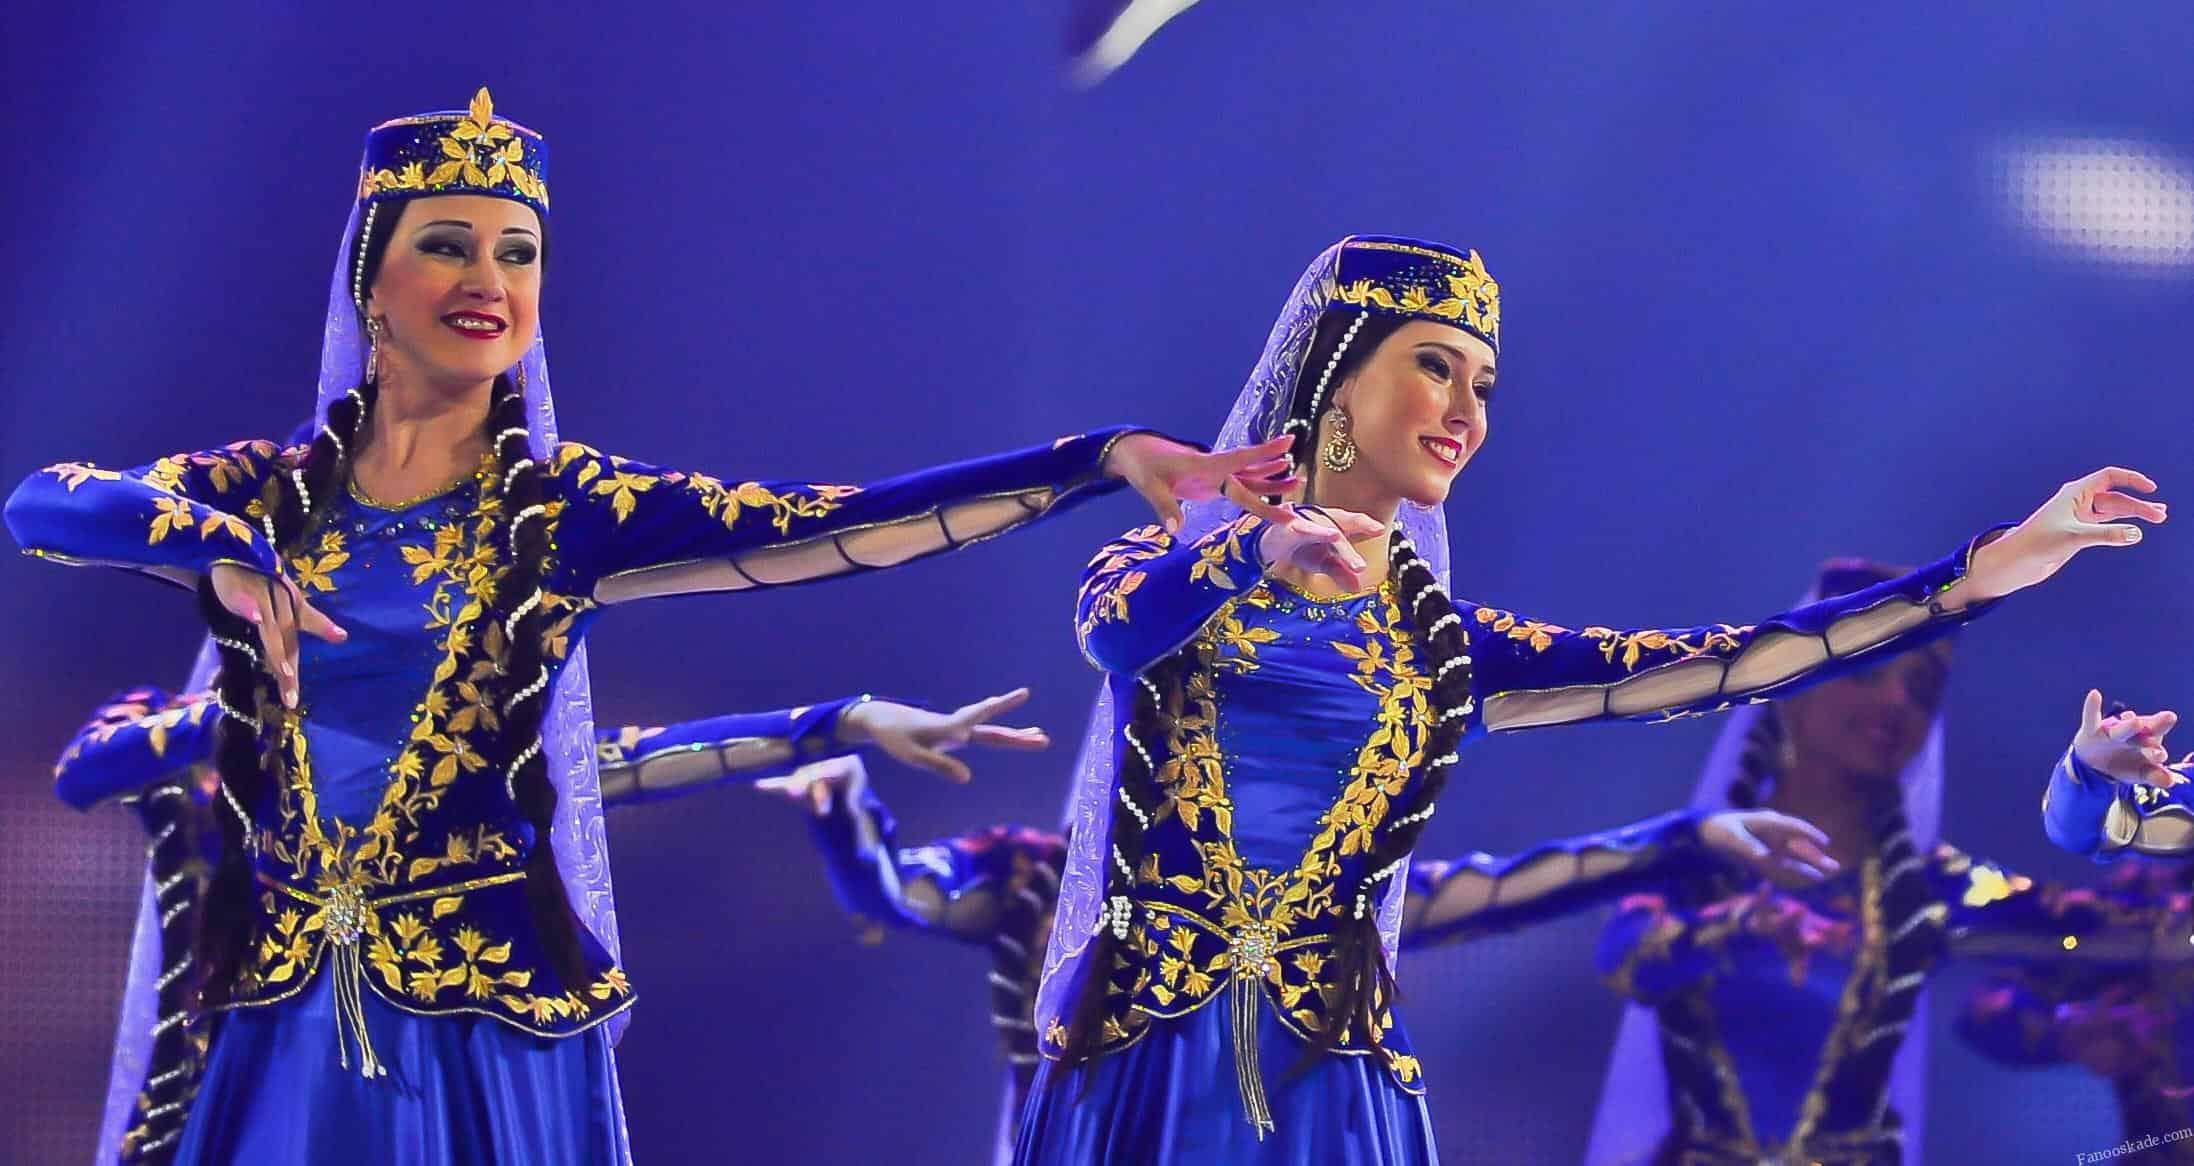 آموزش رقص آذری-آموزش رقص باکویی در انواع مختلف